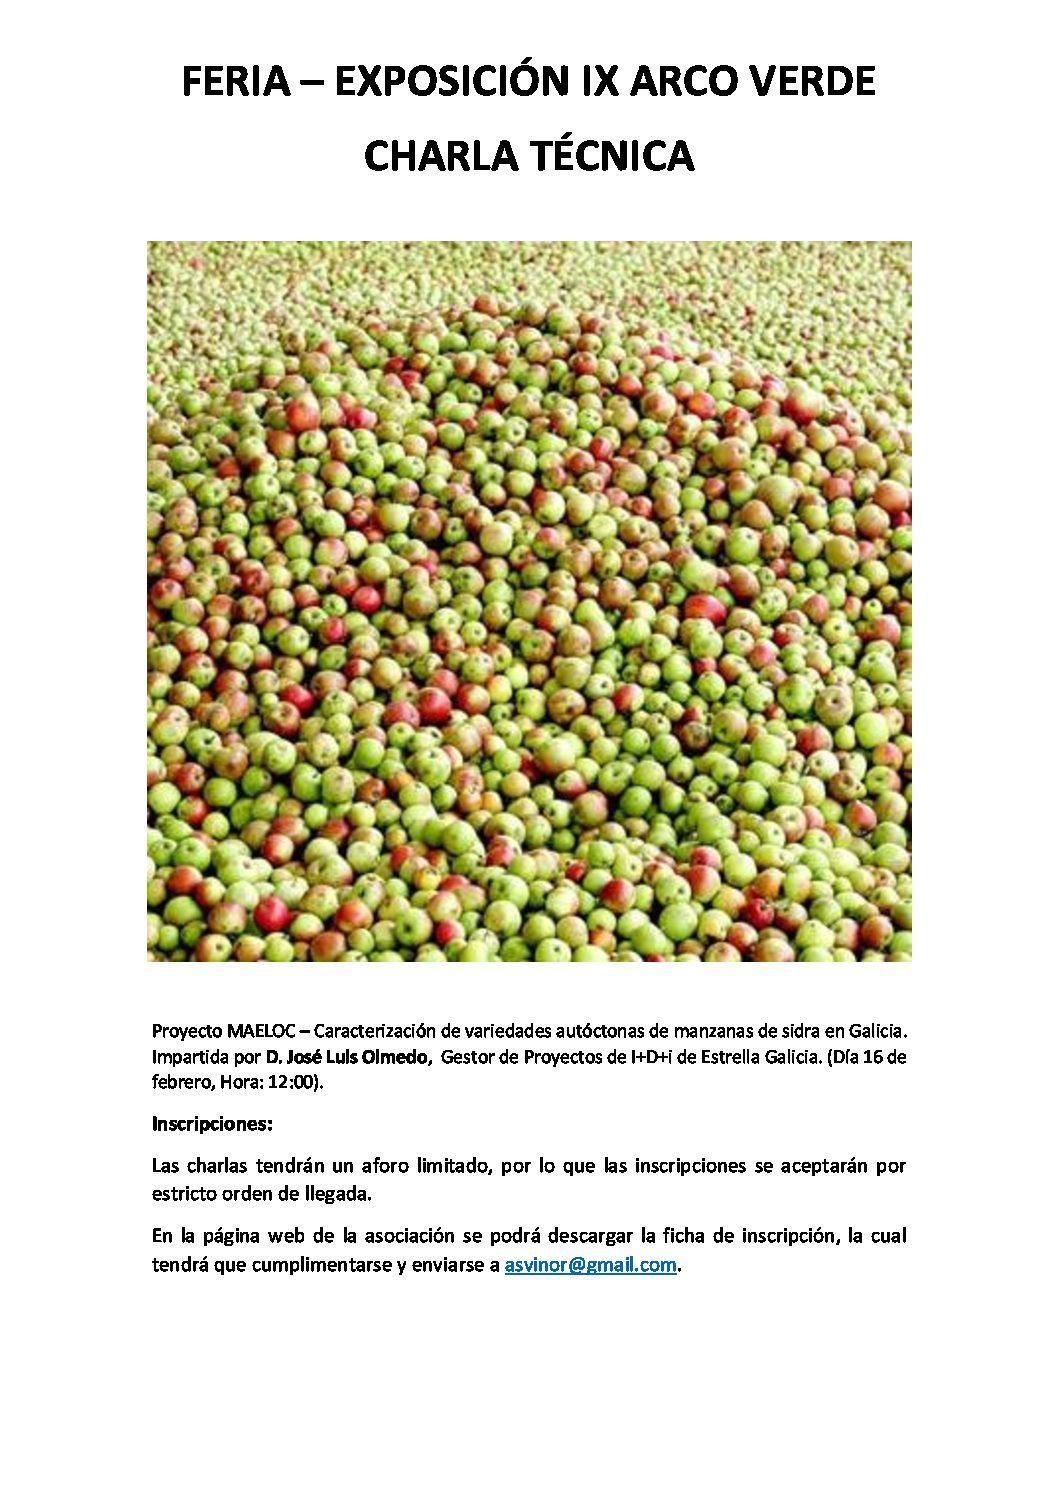 Proyecto MAELOC – Caracterización de variedades autóctonas de manzanas de sidra en Galicia.